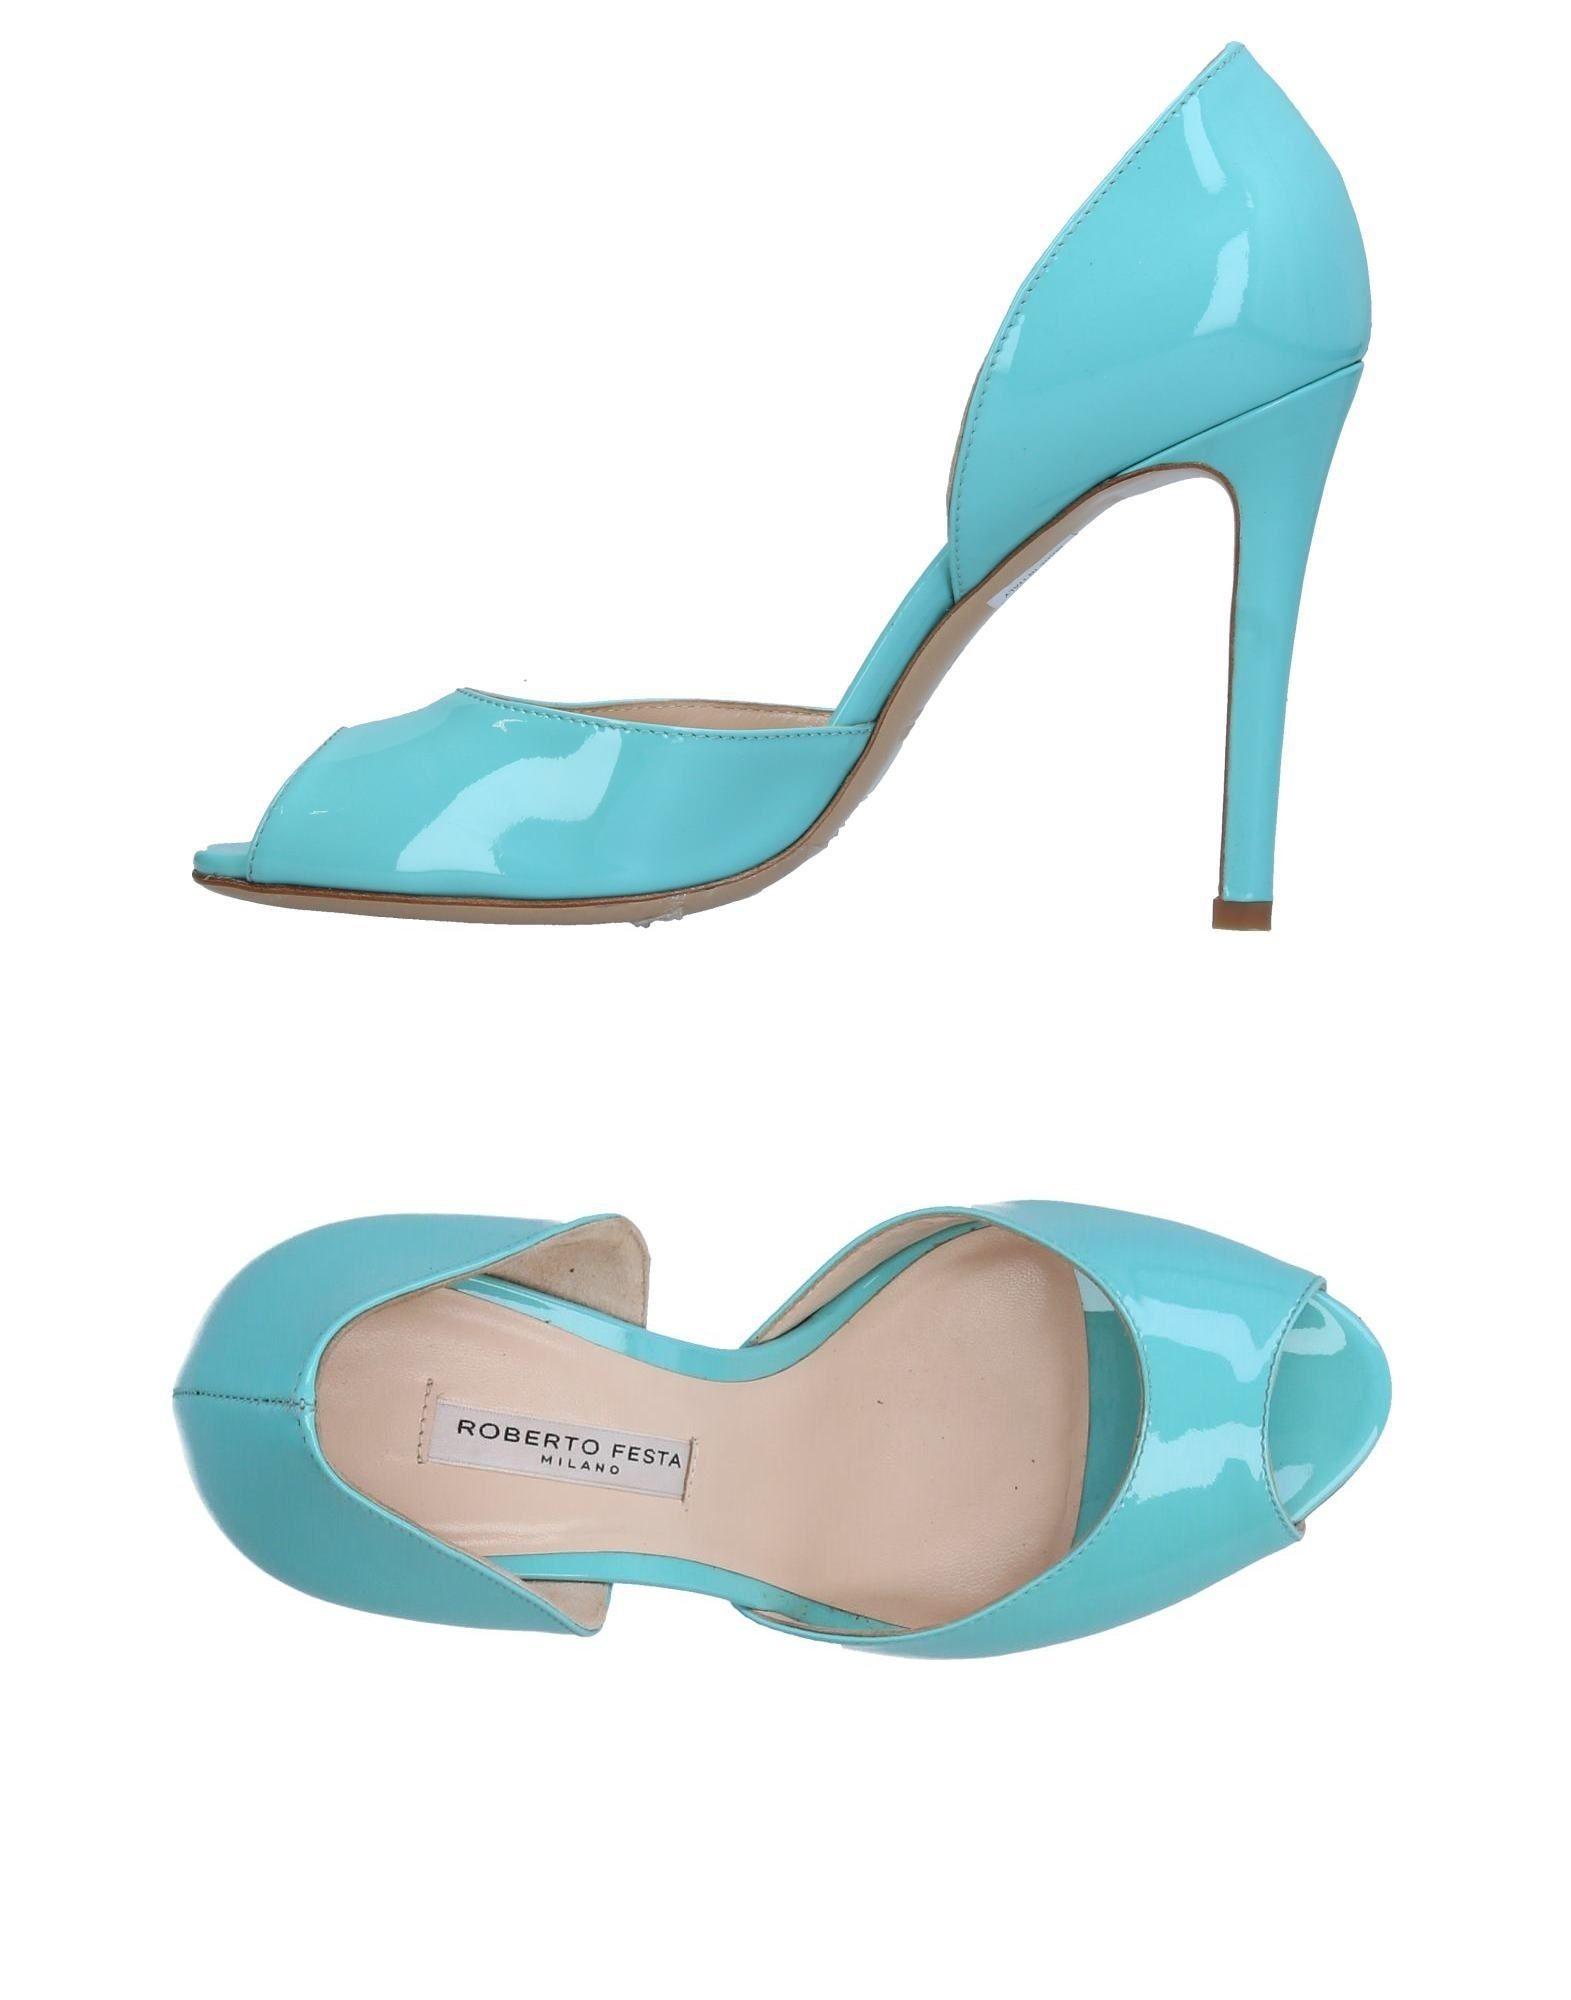 Roberto Festa Pumps Damen  11371500PK Gute Qualität beliebte Schuhe